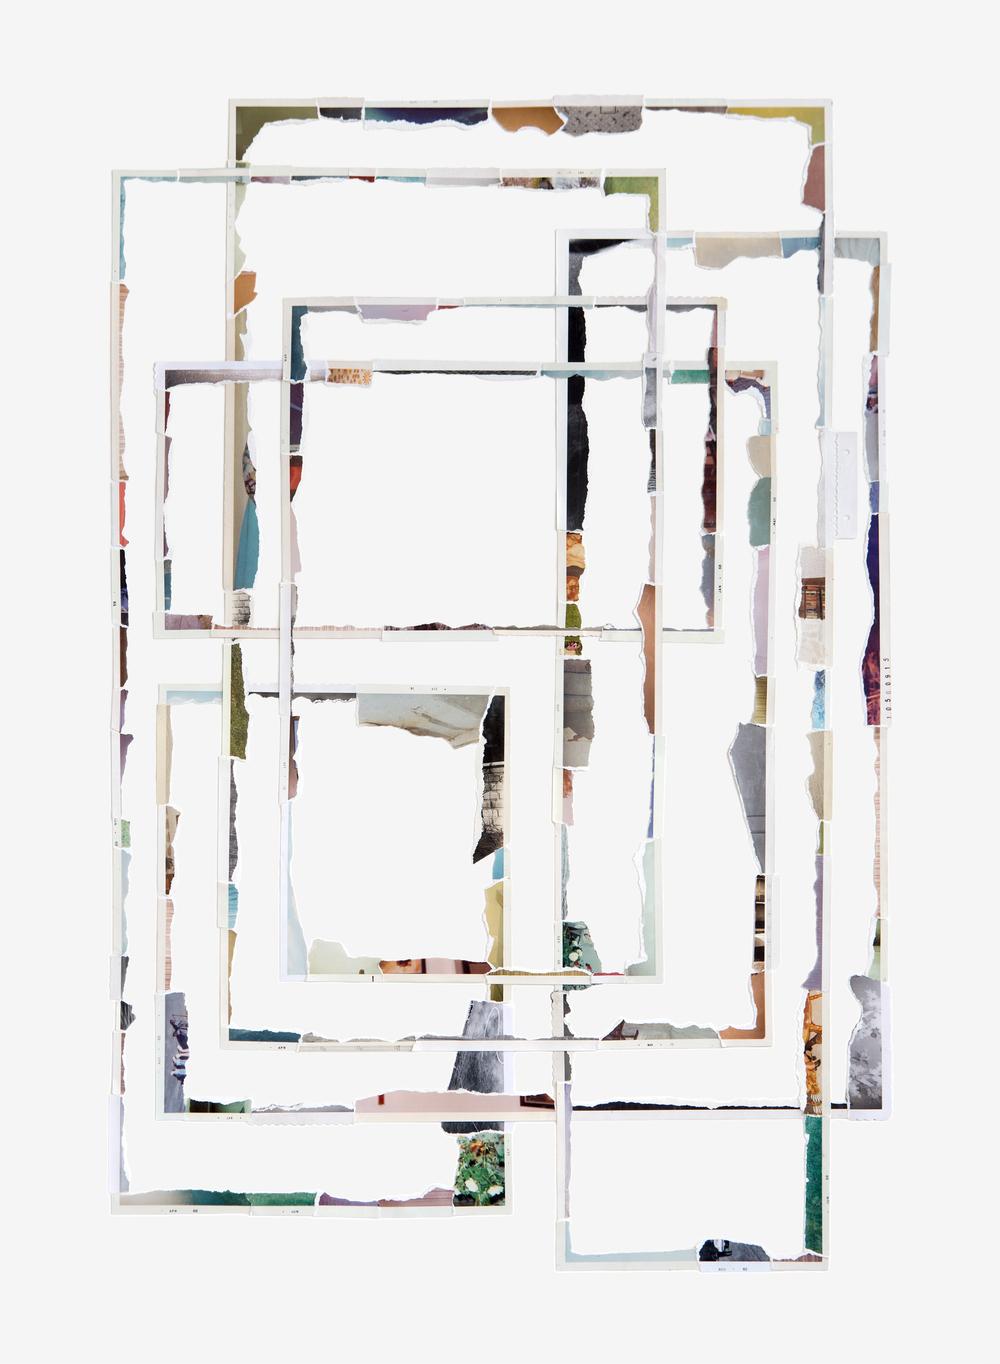 Framing Device, 2016. © Joe Rudko